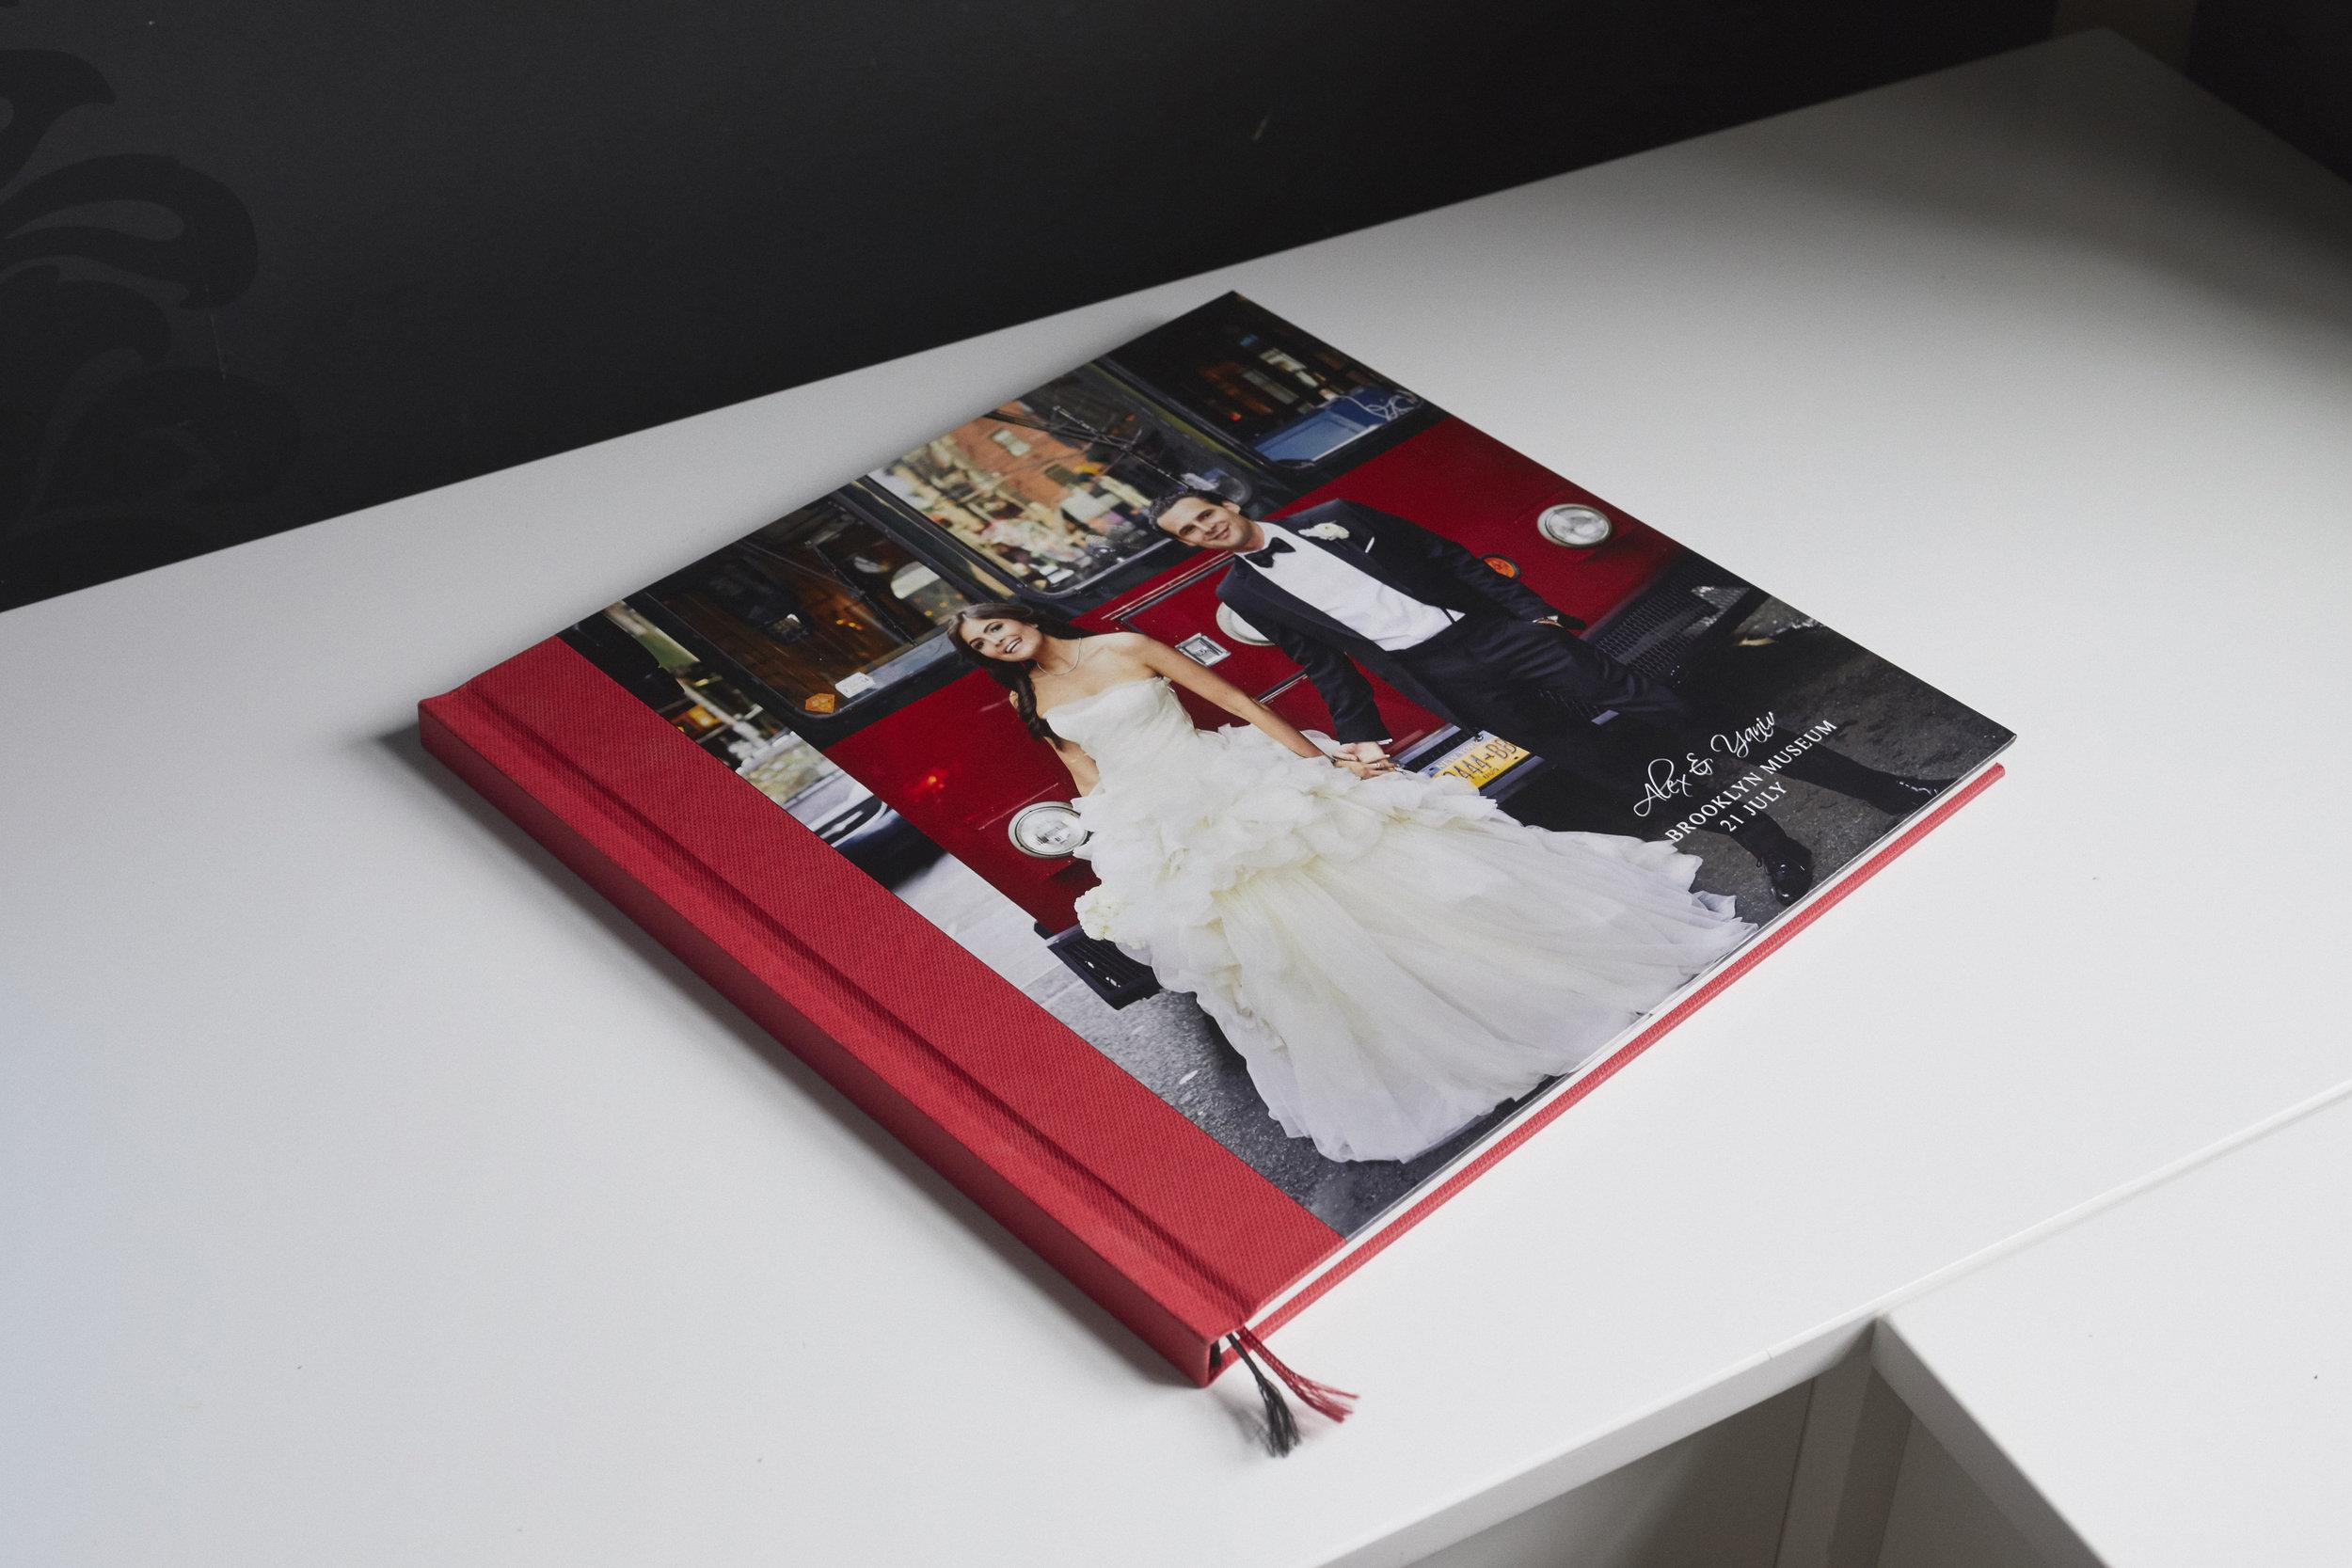 099_RWagner_Wedding_Queensberry_Album.jpg